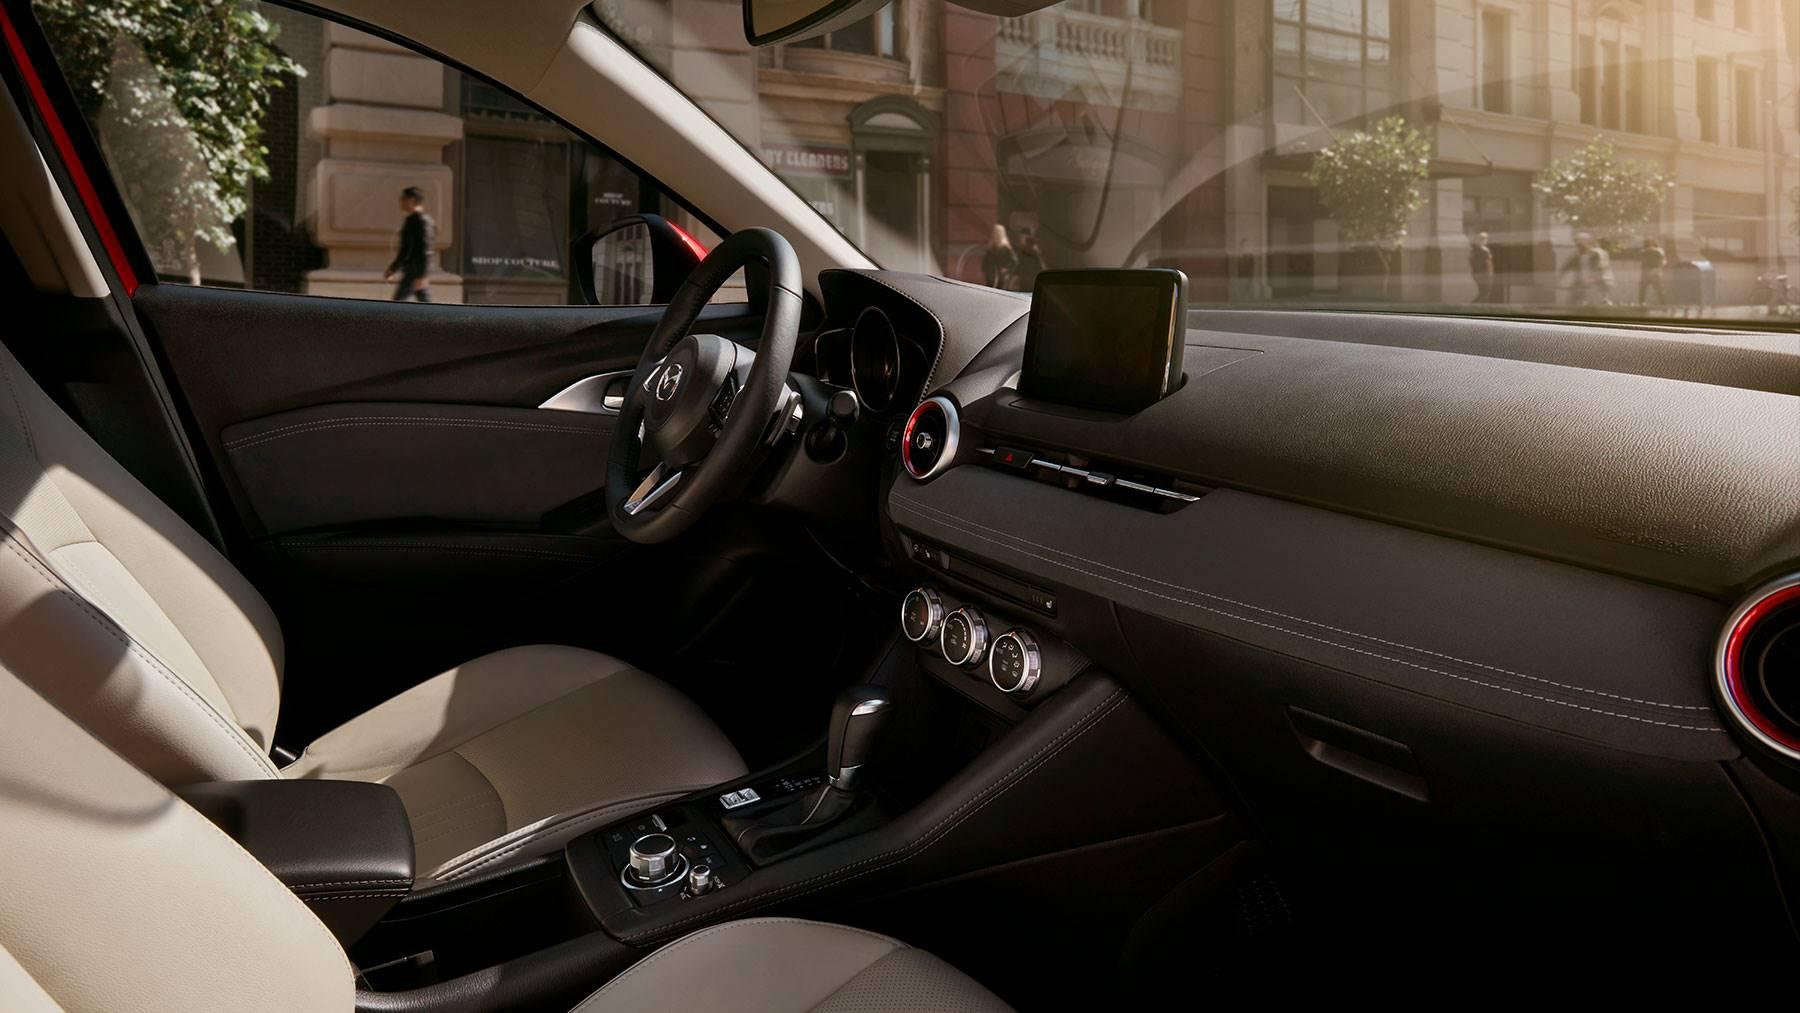 New 2019 Mazda Cx 3 Sport Fwd